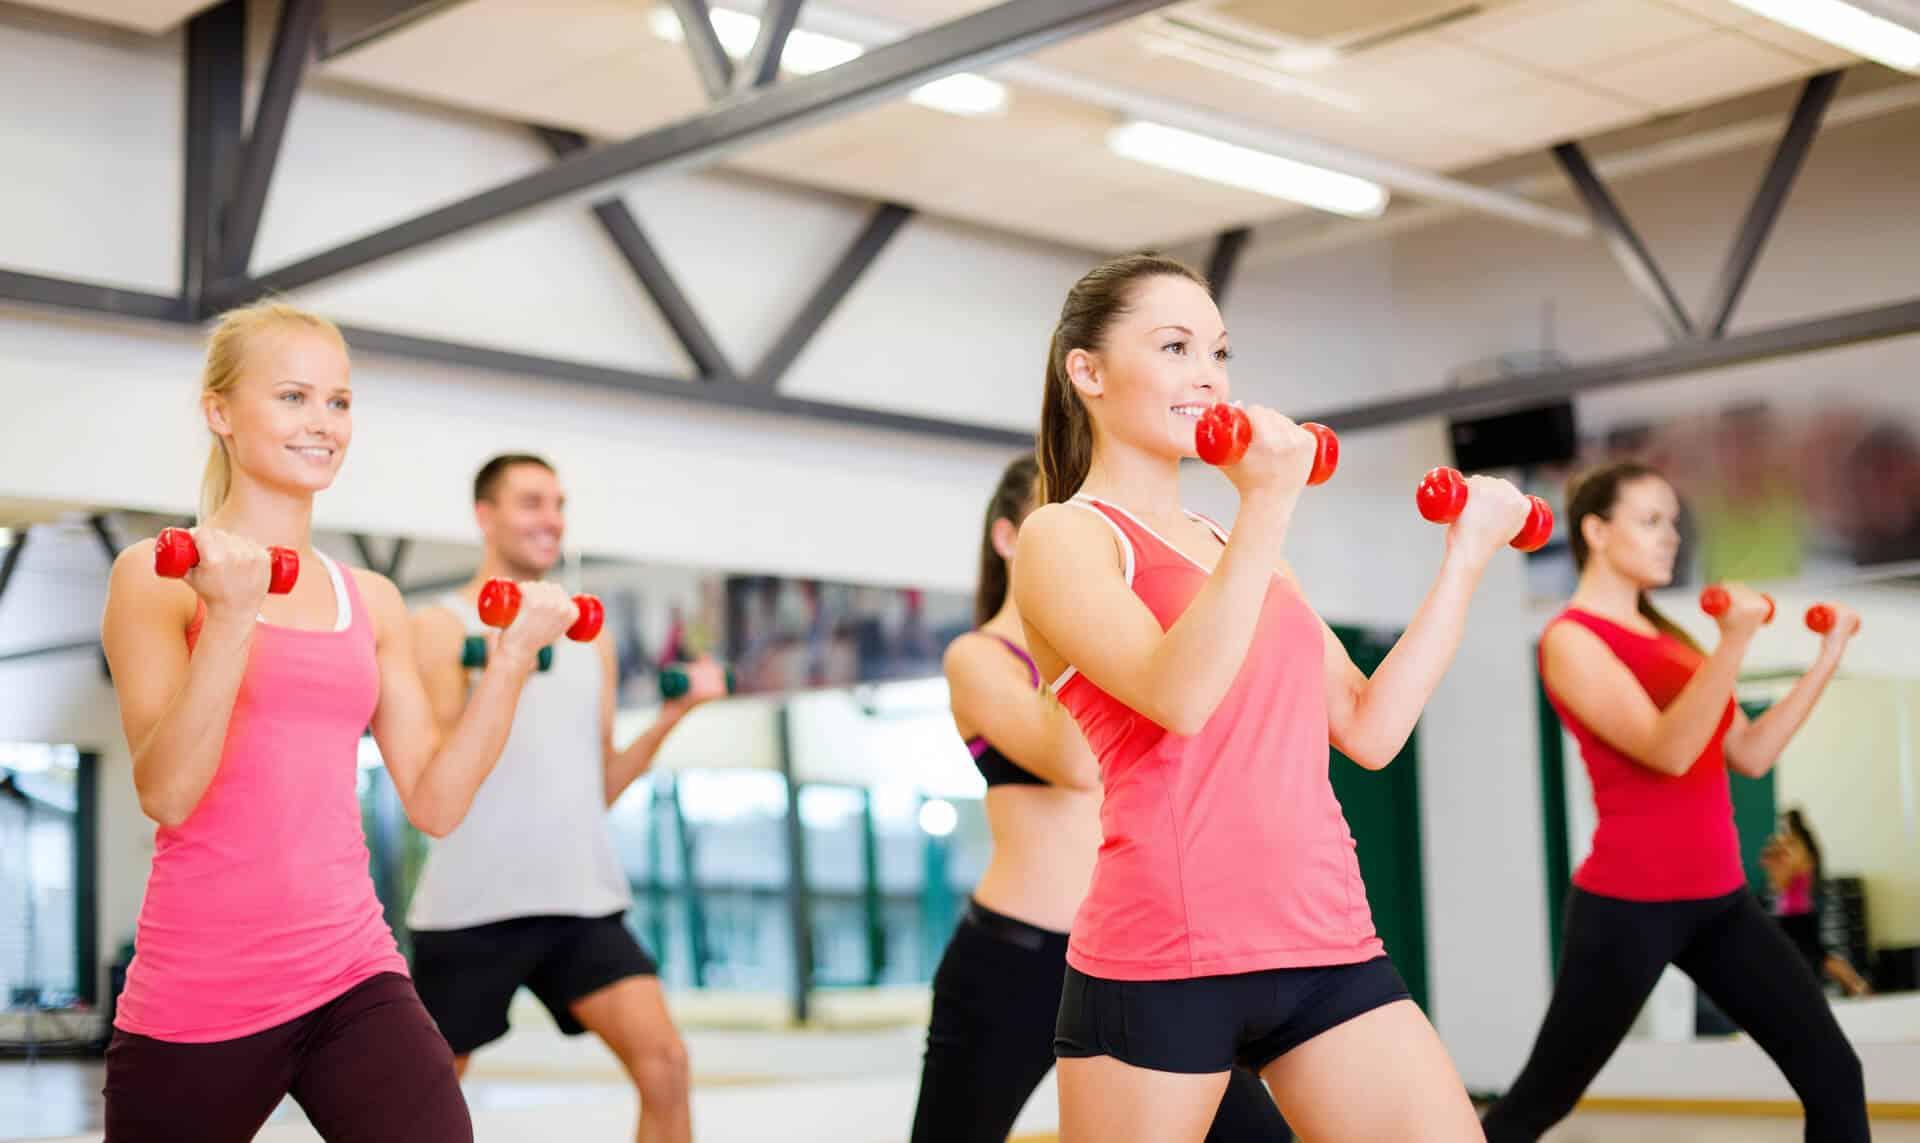 Групповые занятия для похудения тюмень